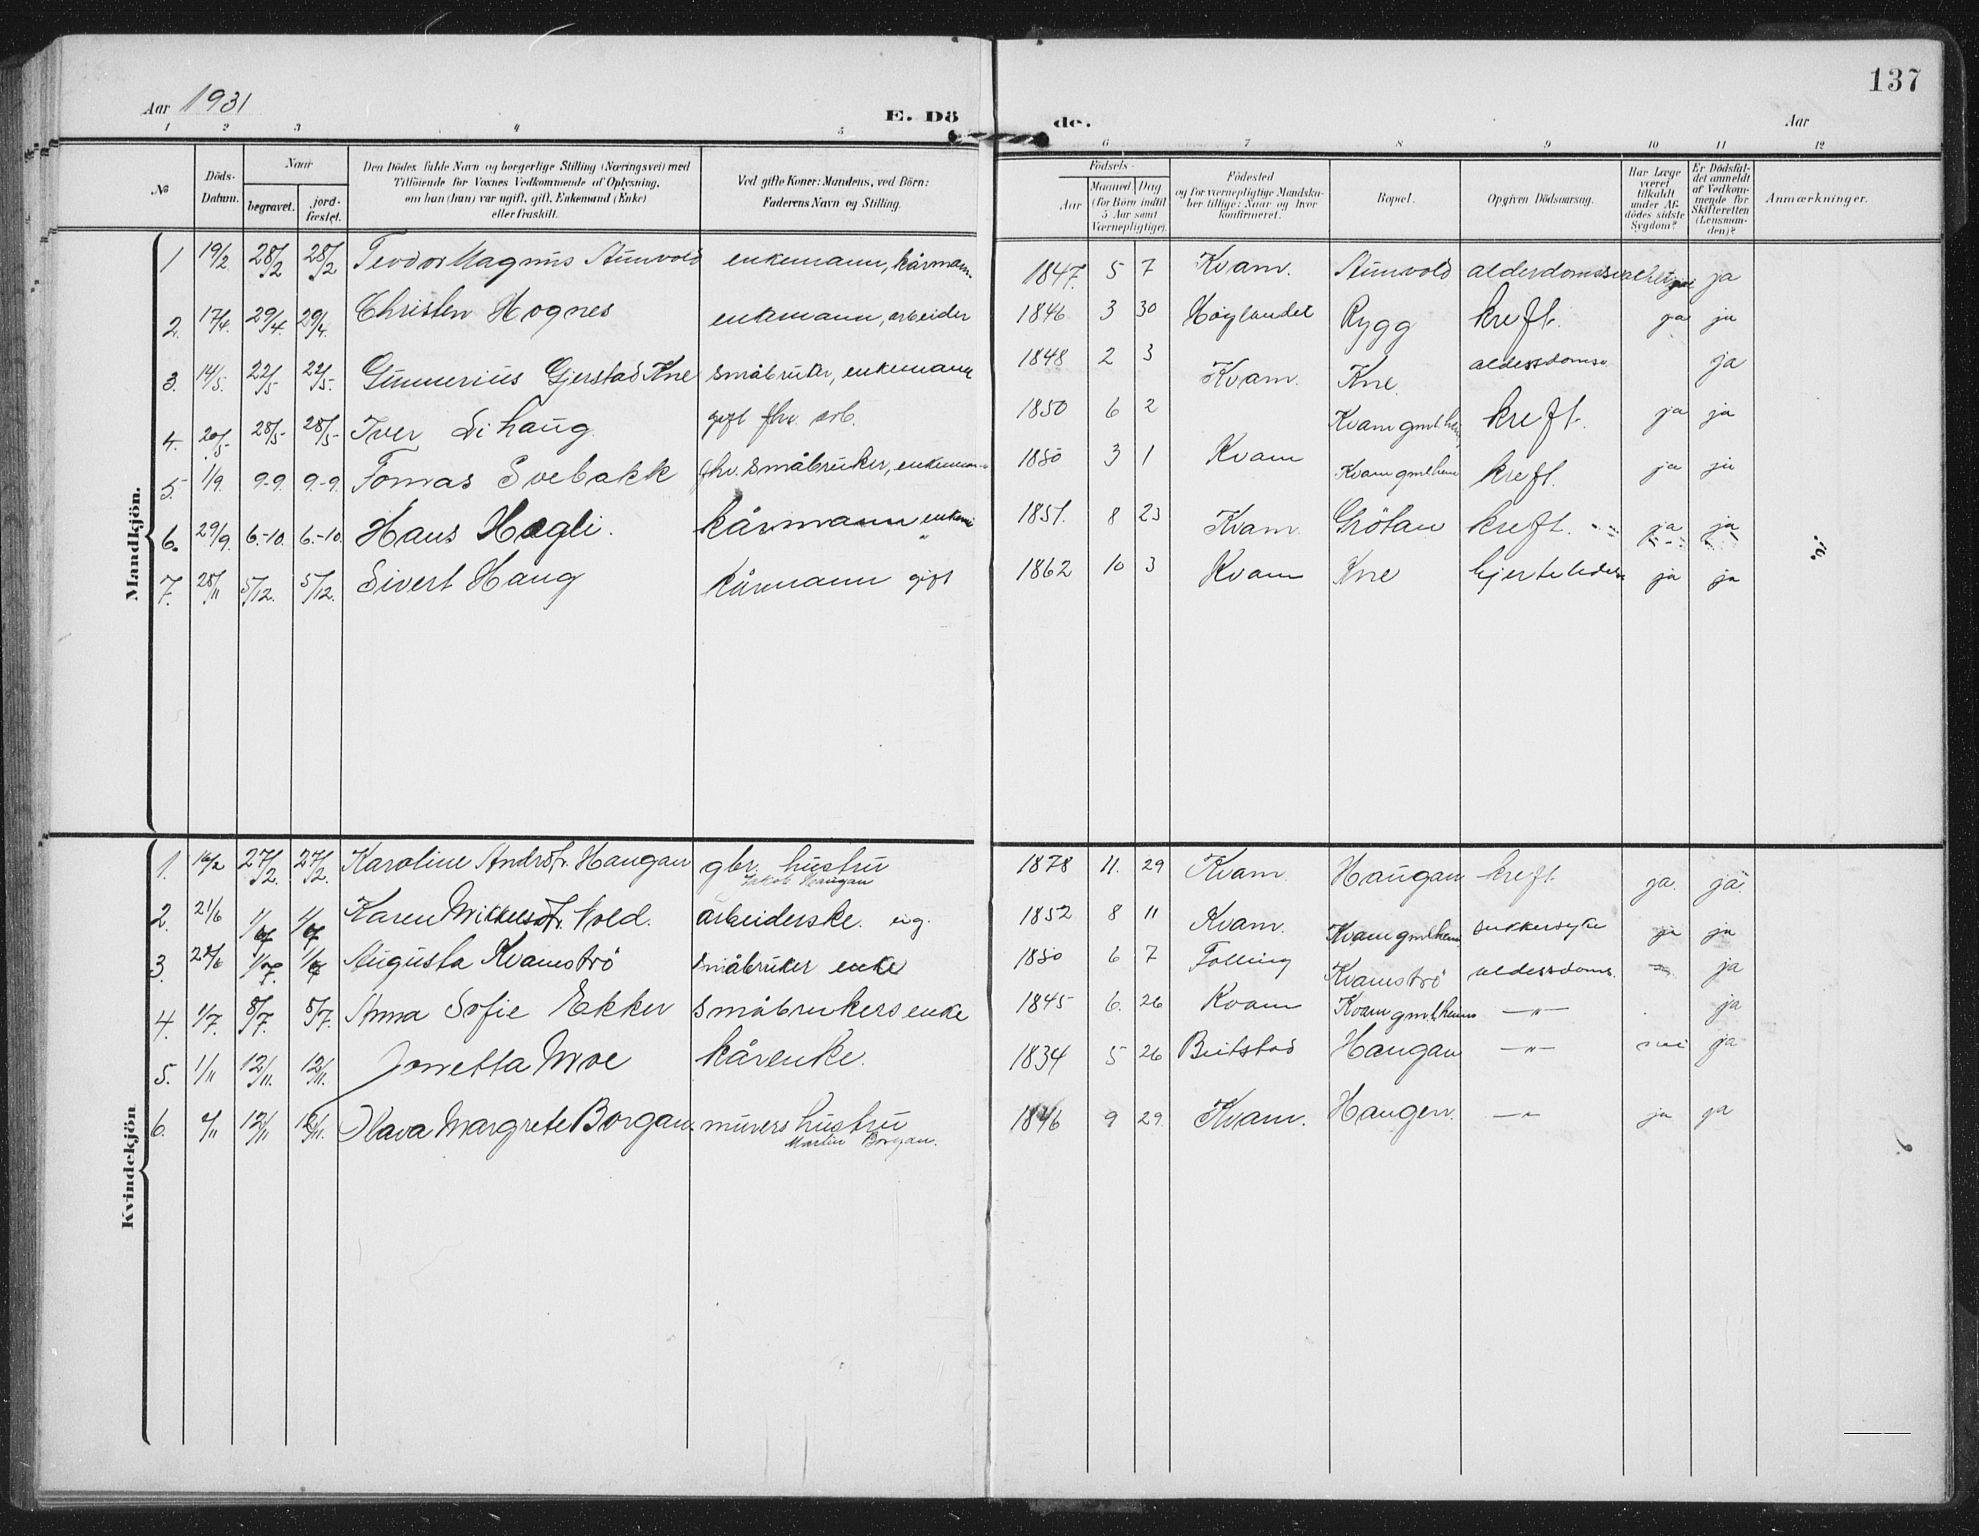 SAT, Ministerialprotokoller, klokkerbøker og fødselsregistre - Nord-Trøndelag, 747/L0460: Klokkerbok nr. 747C02, 1908-1939, s. 137